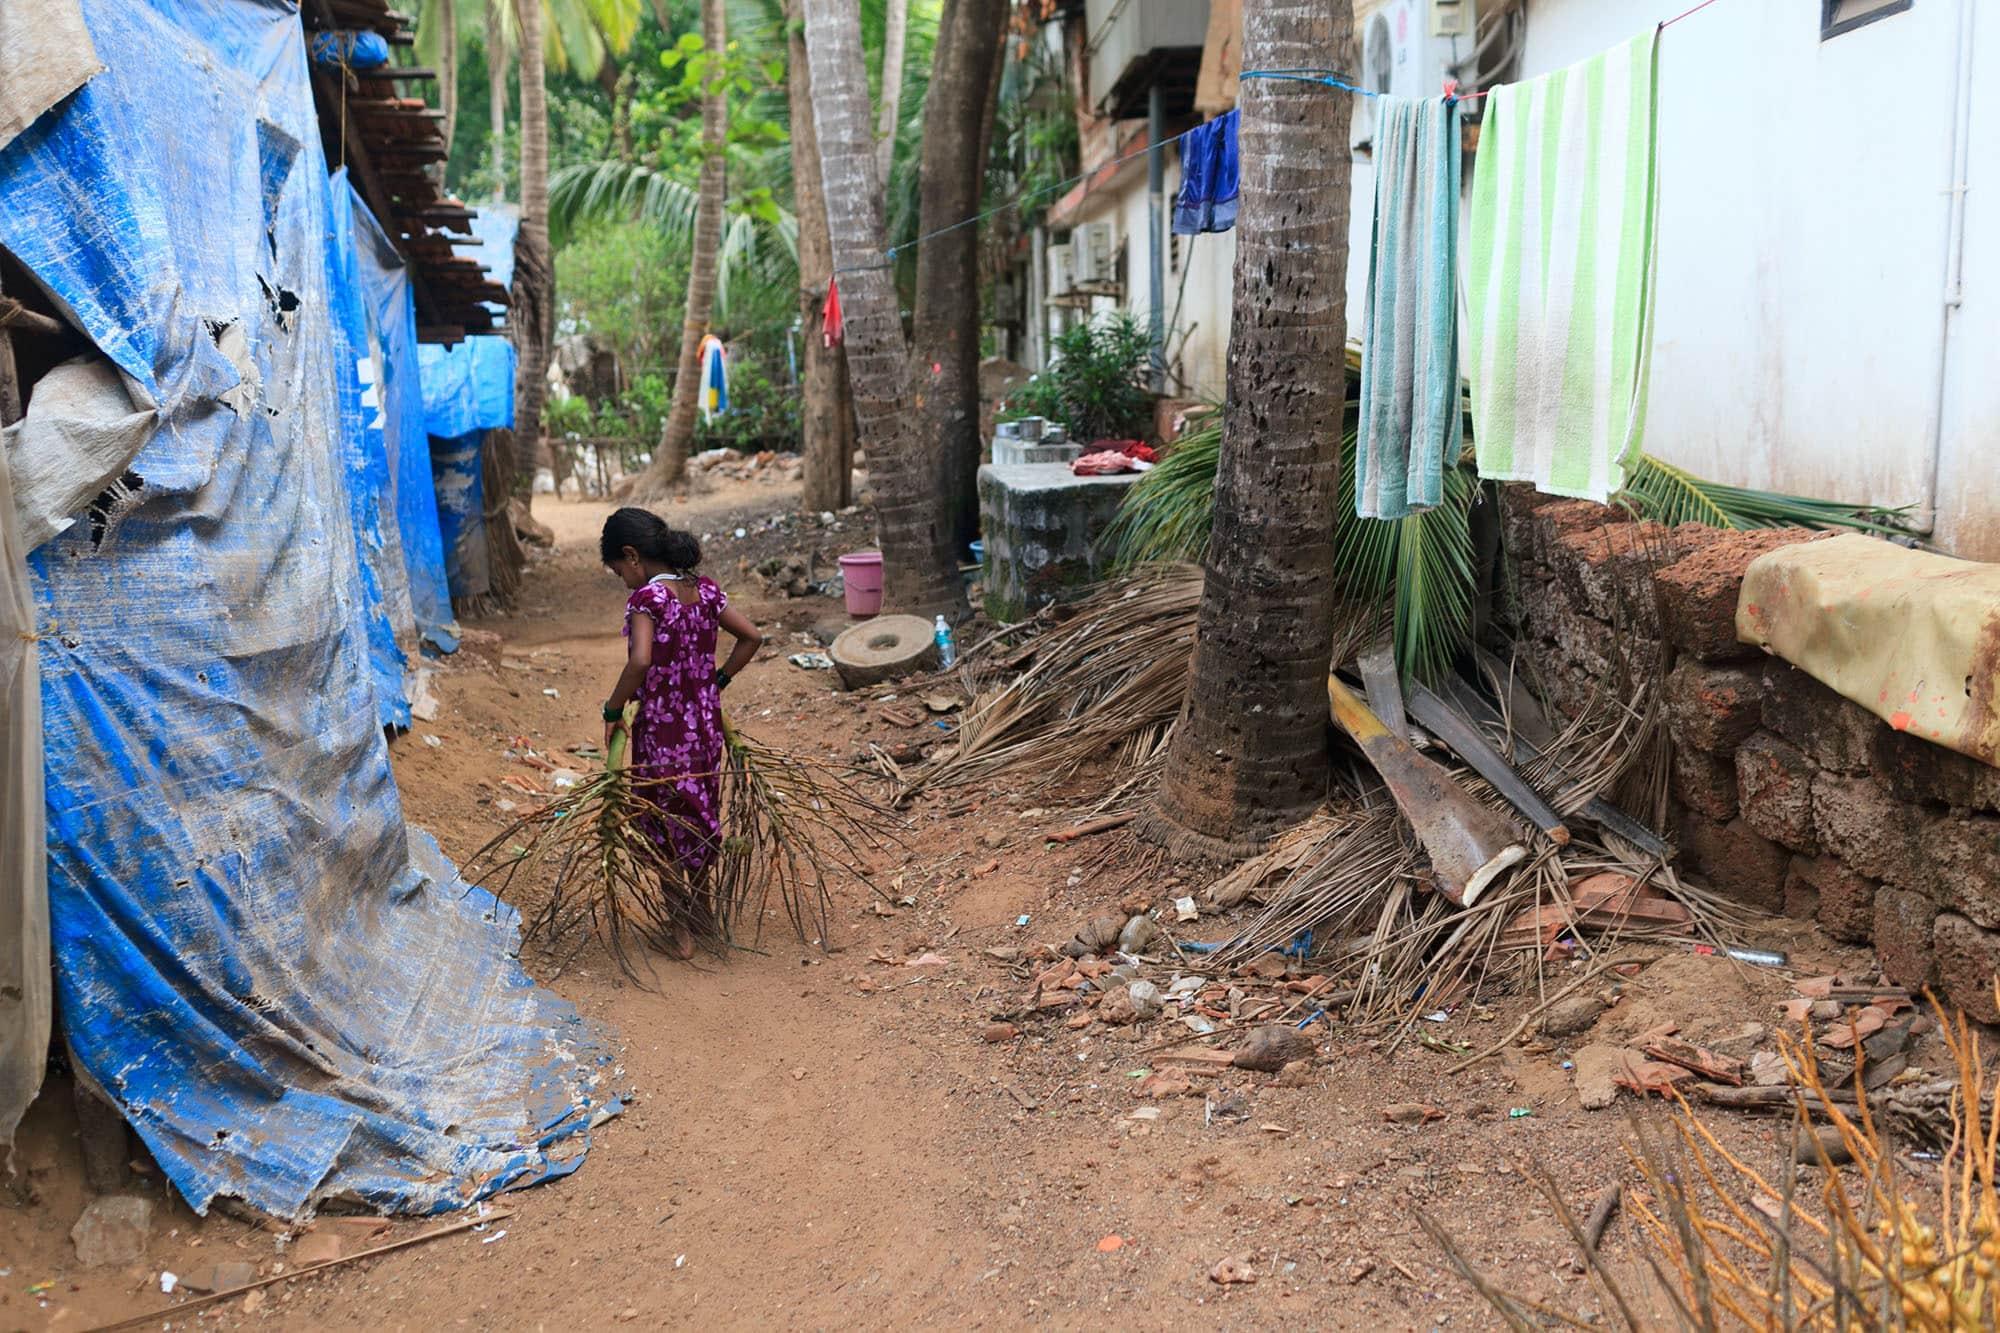 Palolem, Goa, India.